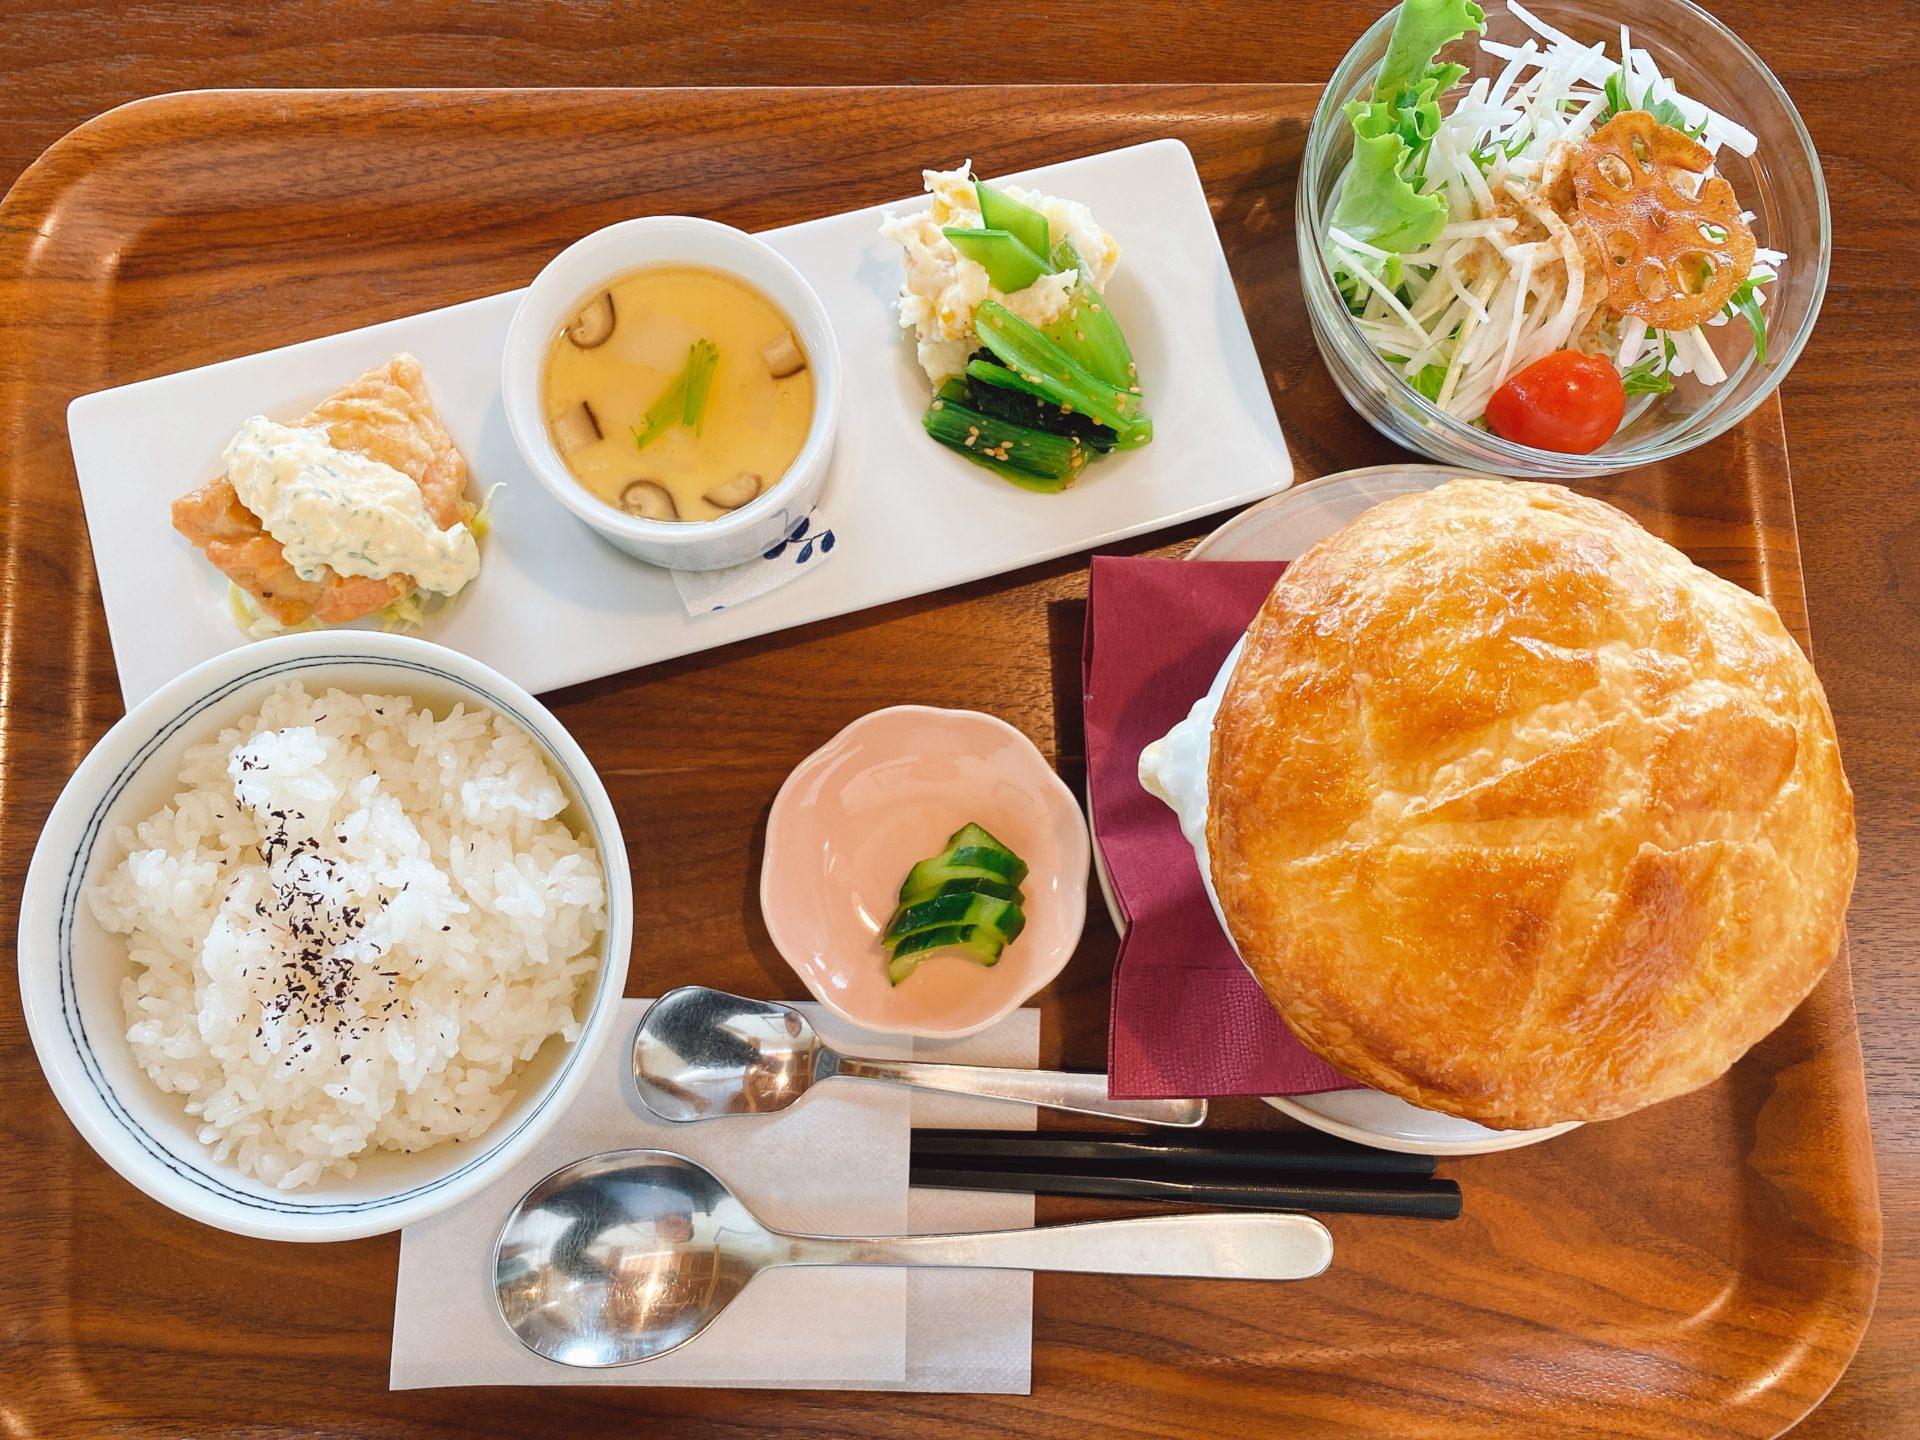 中区倉田交差点から南へ車で3分 【山カフェ アネテ・アニヴェール】の季節を感じるパイスープ付きのランチが素敵に美味しい!